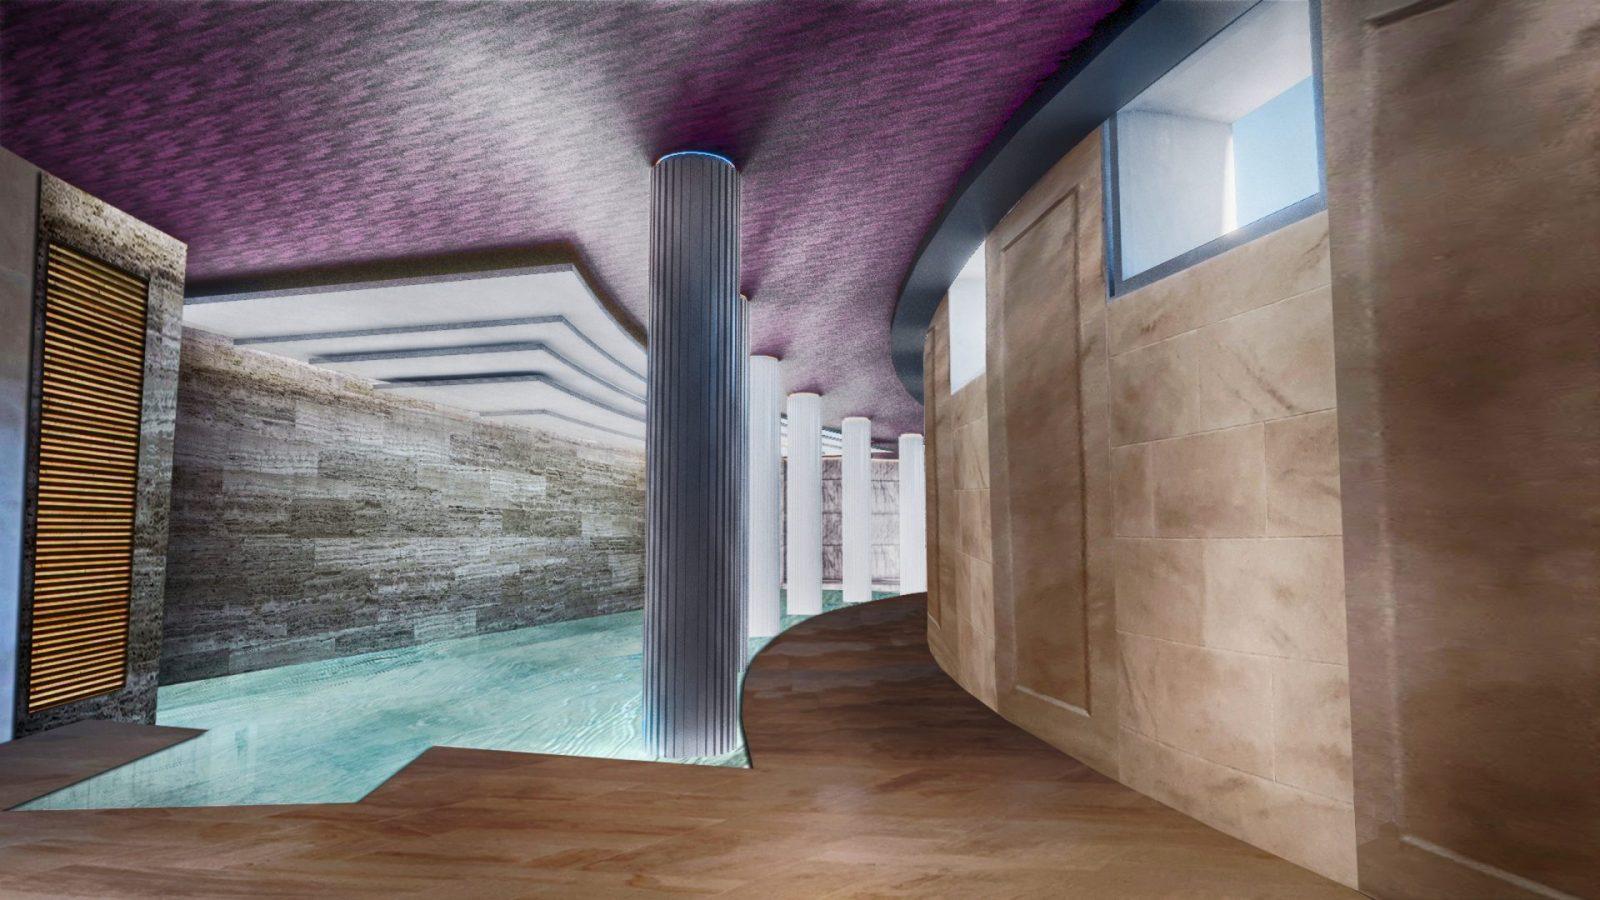 OSP modern basement swimming pool architecture architects jersey architects2